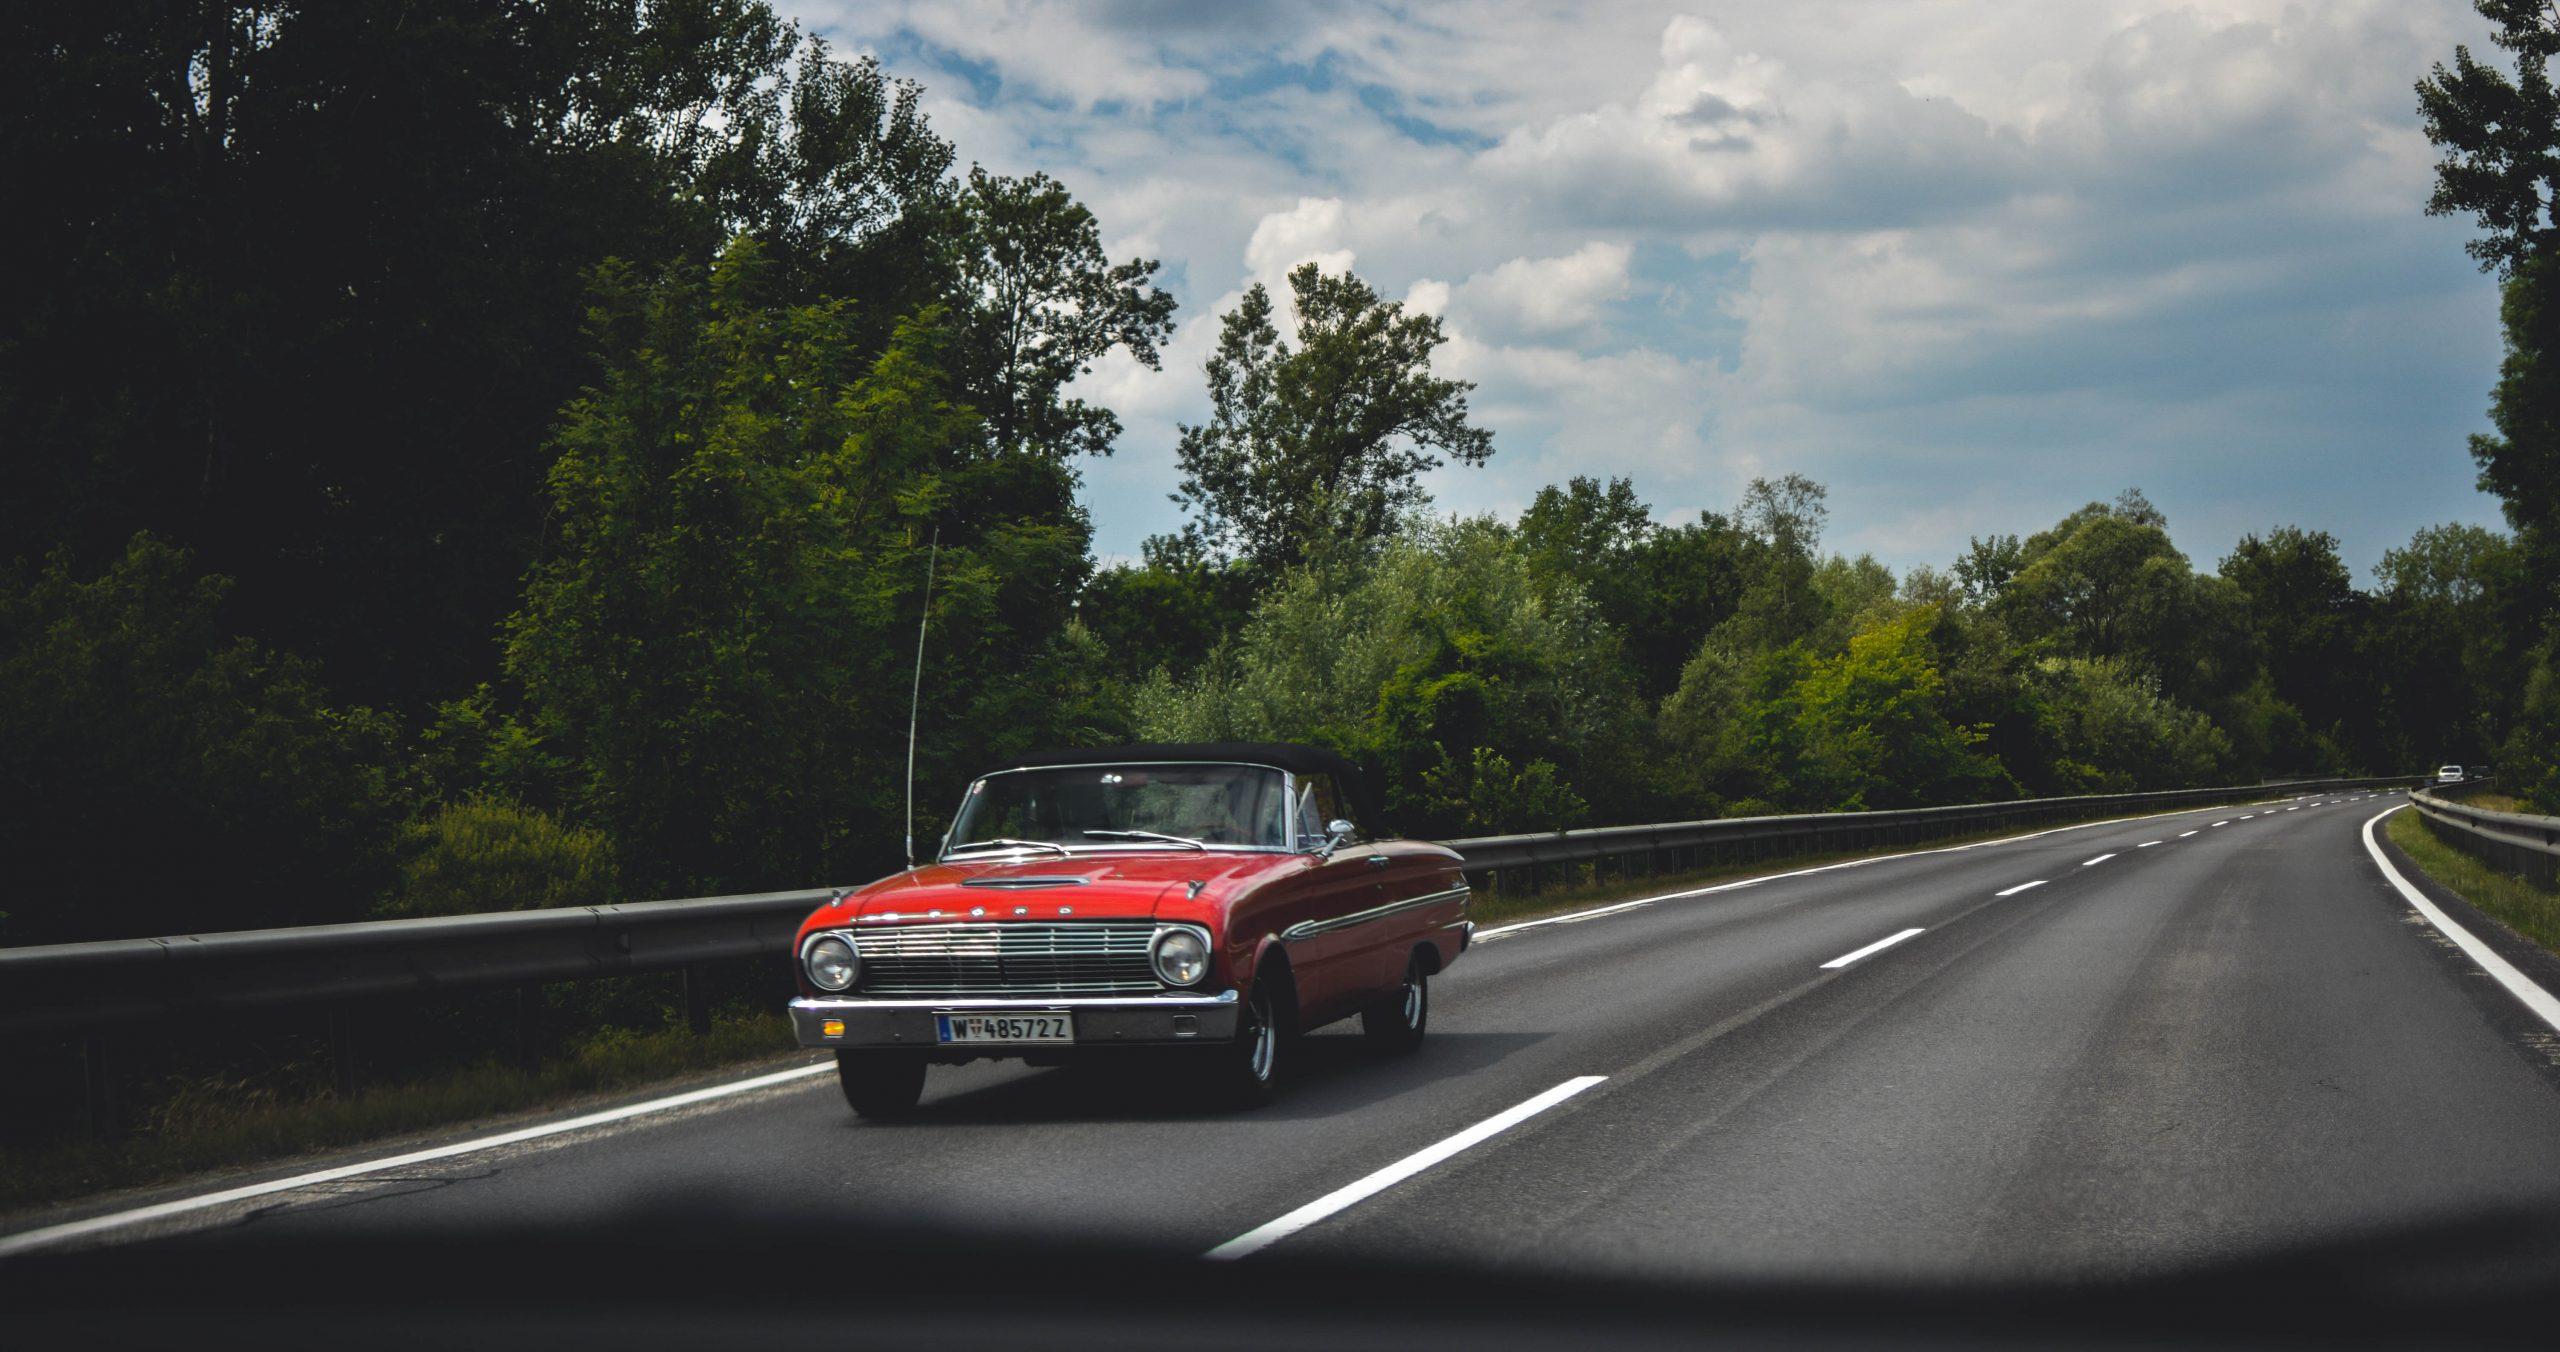 Ventajas y desventajas de viajar en auto